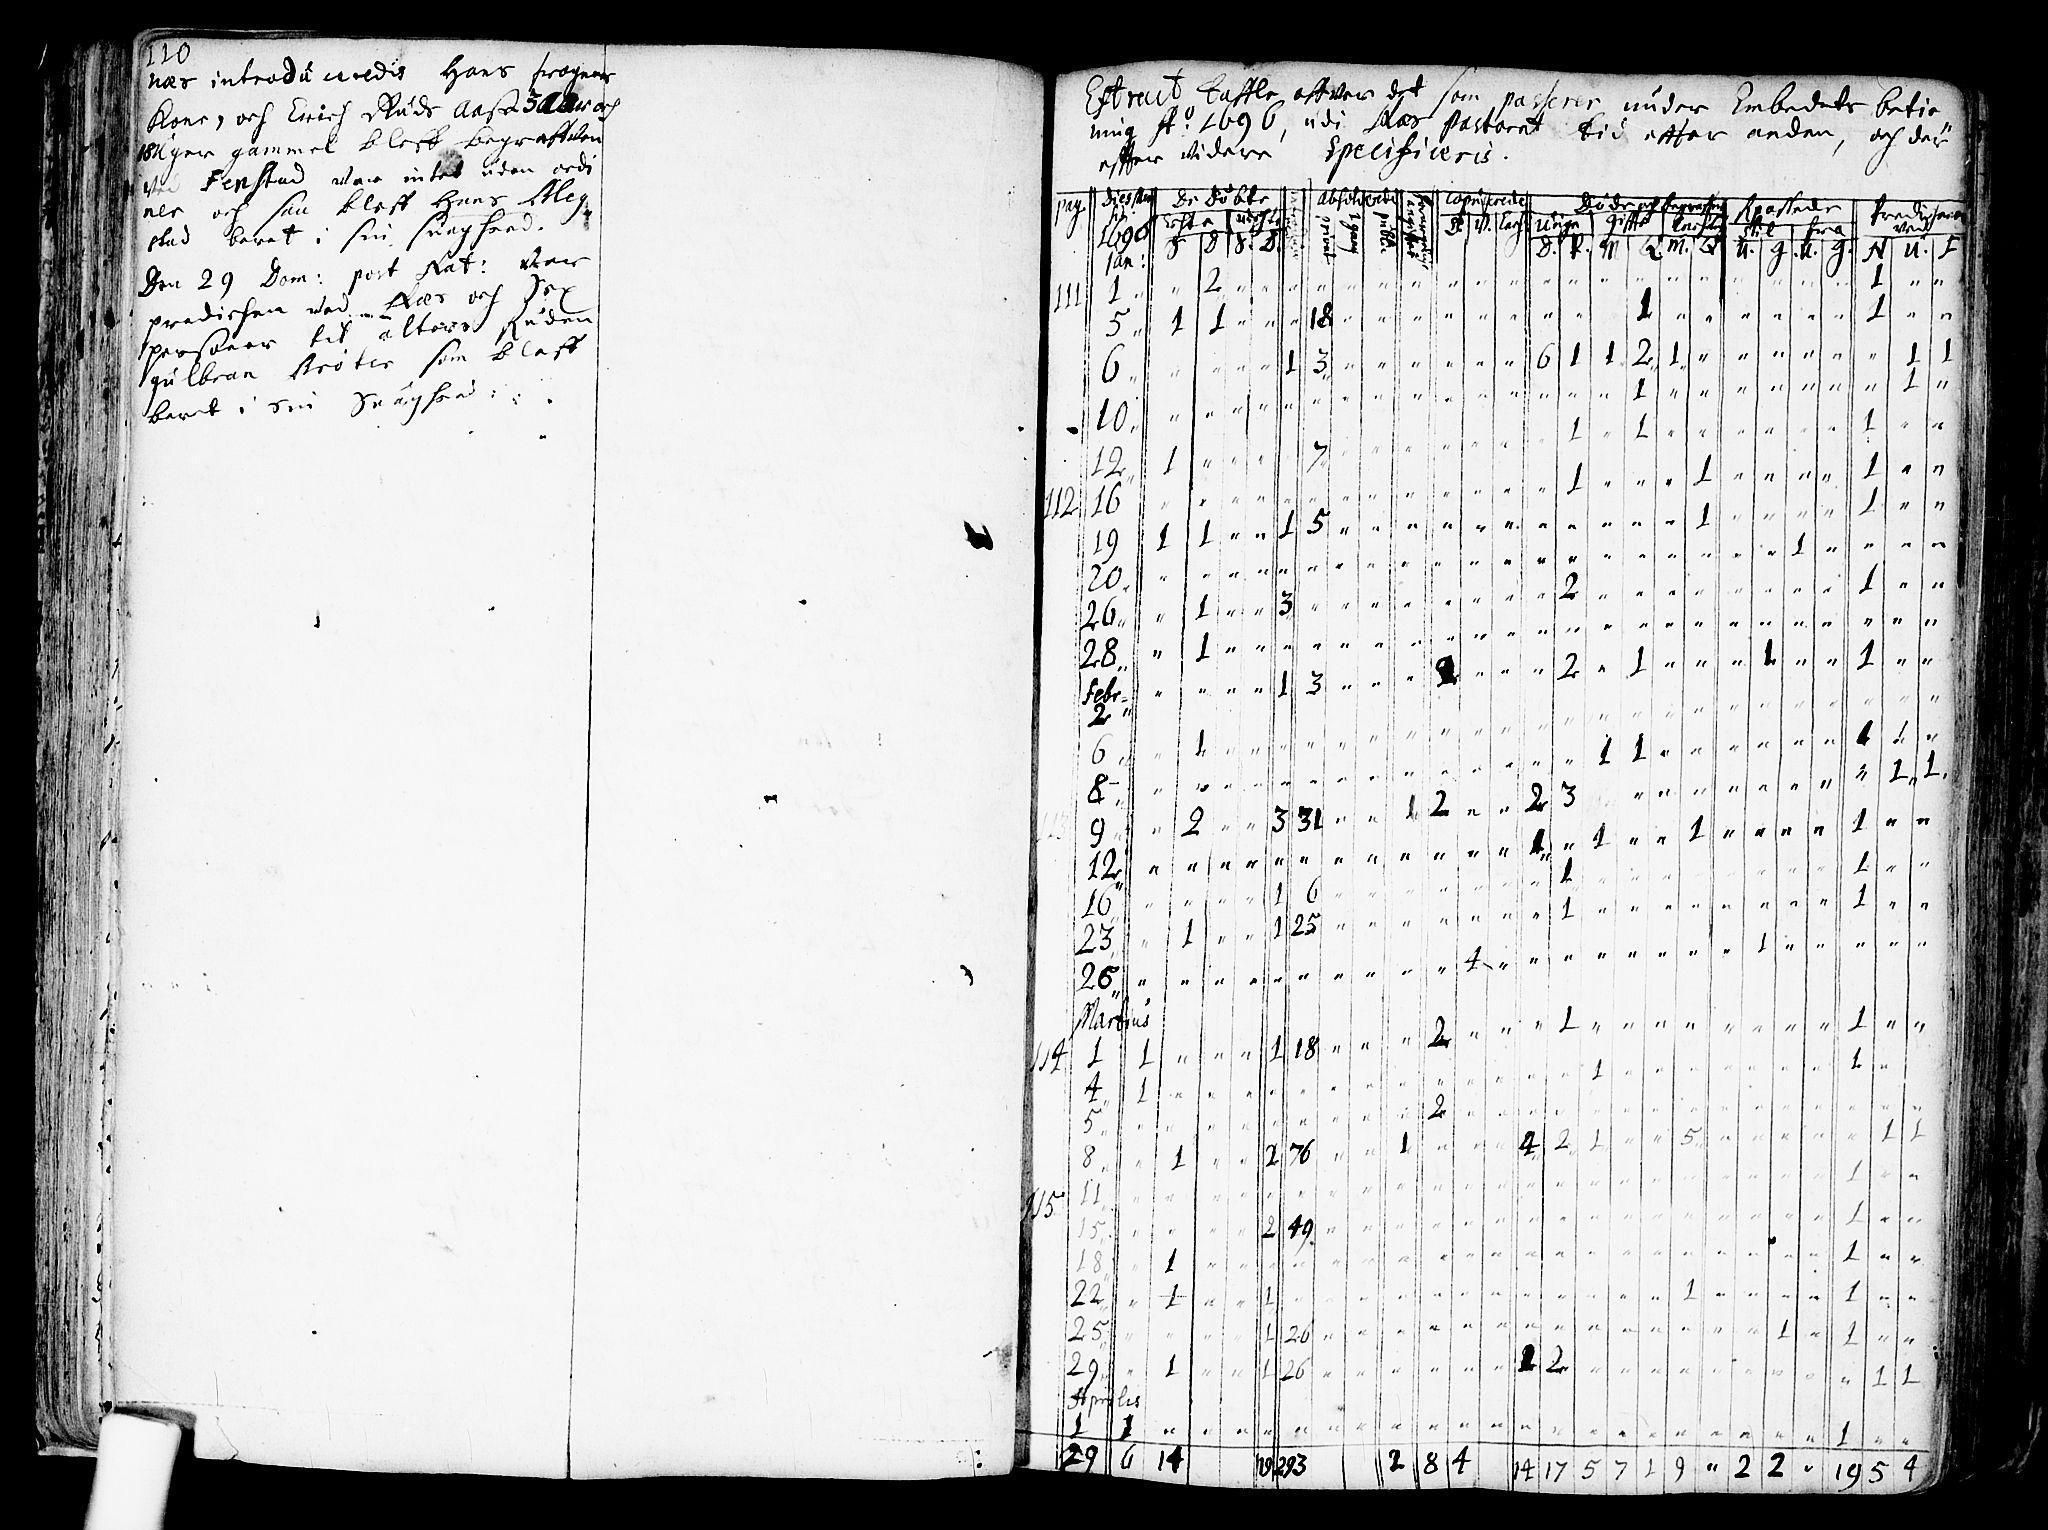 SAO, Nes prestekontor Kirkebøker, F/Fa/L0001: Ministerialbok nr. I 1, 1689-1716, s. 110a-110b